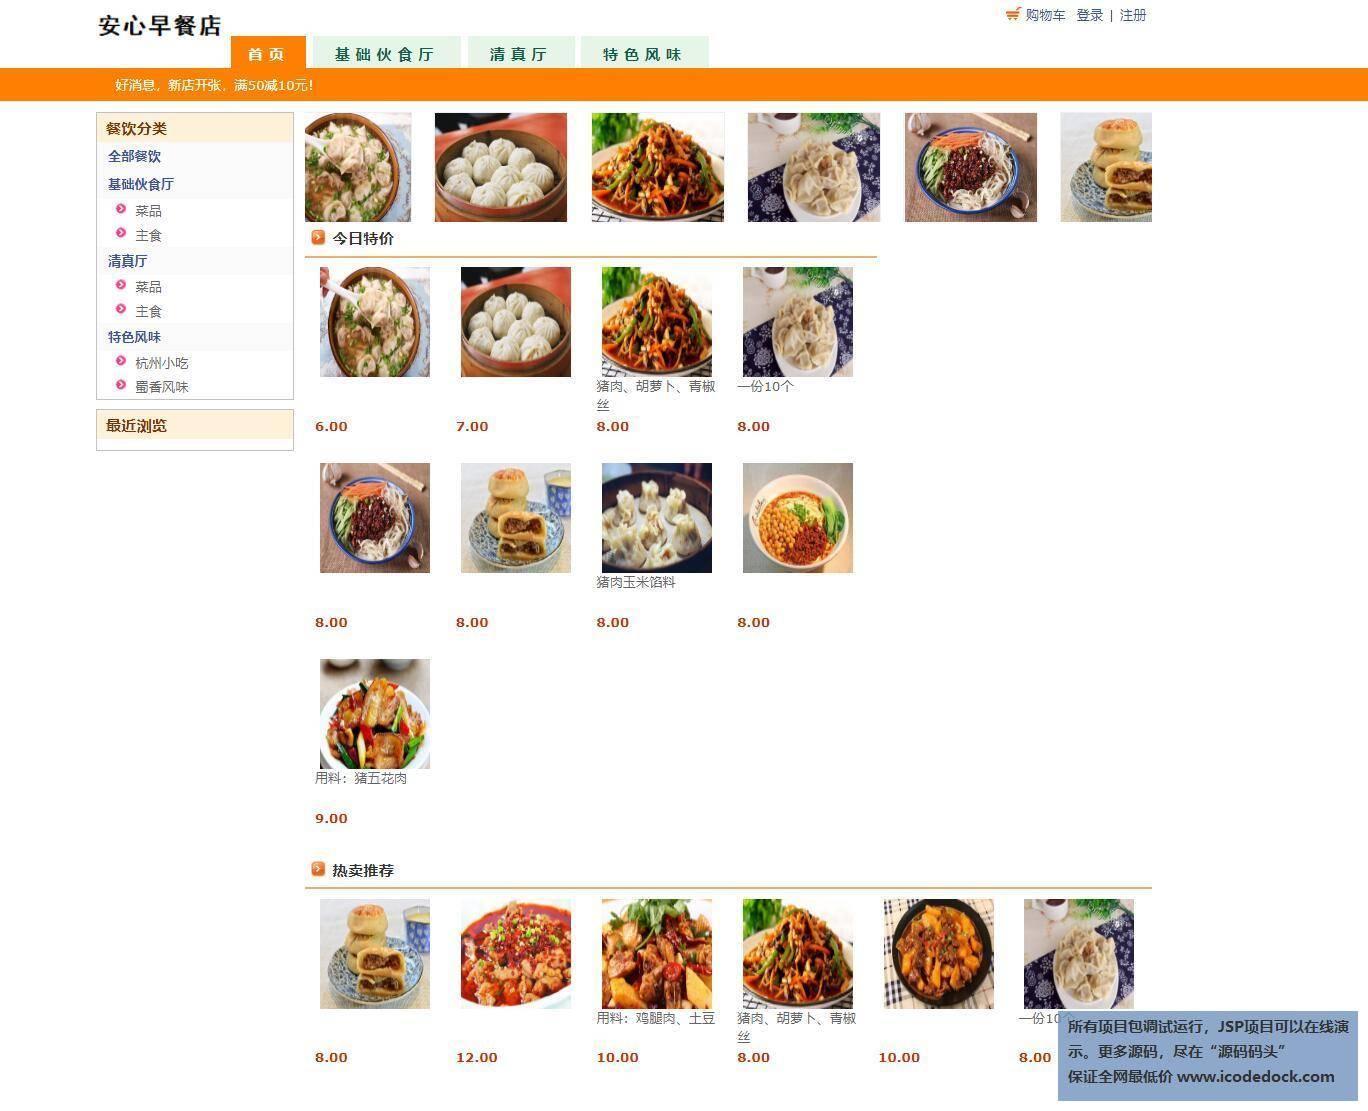 源码码头-JSP网上早餐外卖店管理系统-用户角色-用户点餐首页